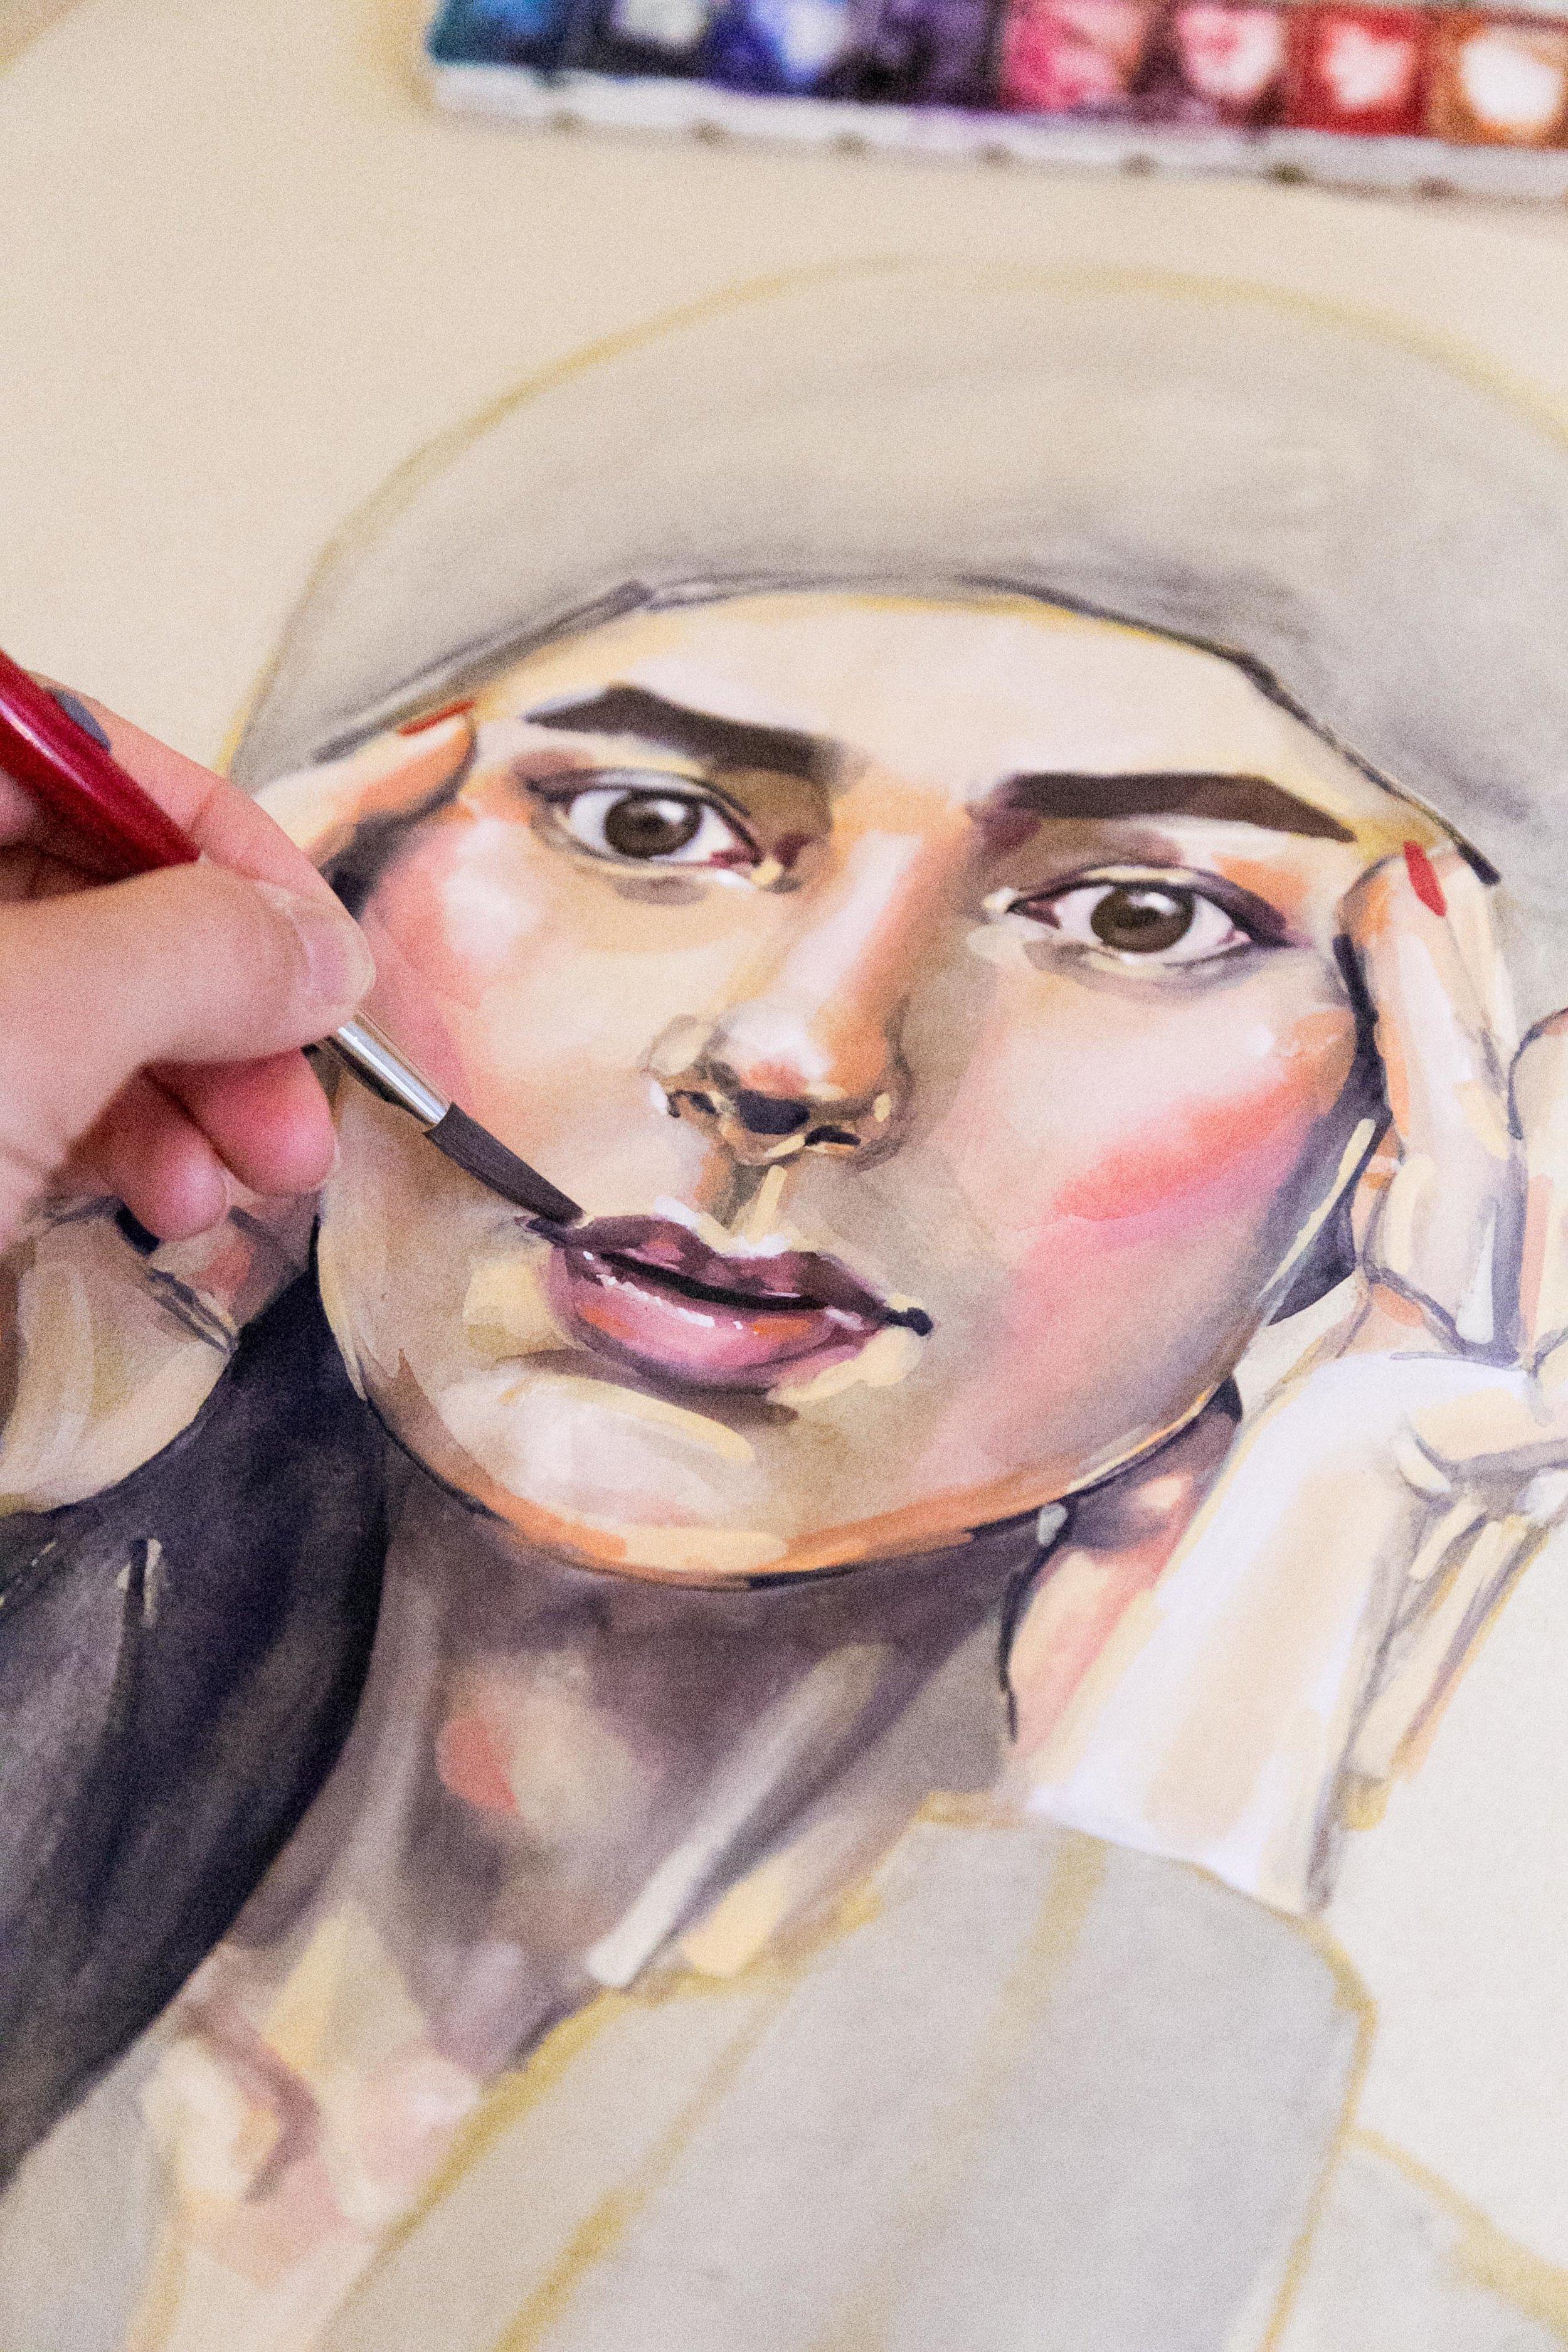 Victoria-Riza Fashion Artist Illustrator and Printmaker | Cover Art for Noor Elkhaldi's podcast, Arab-American Psycho